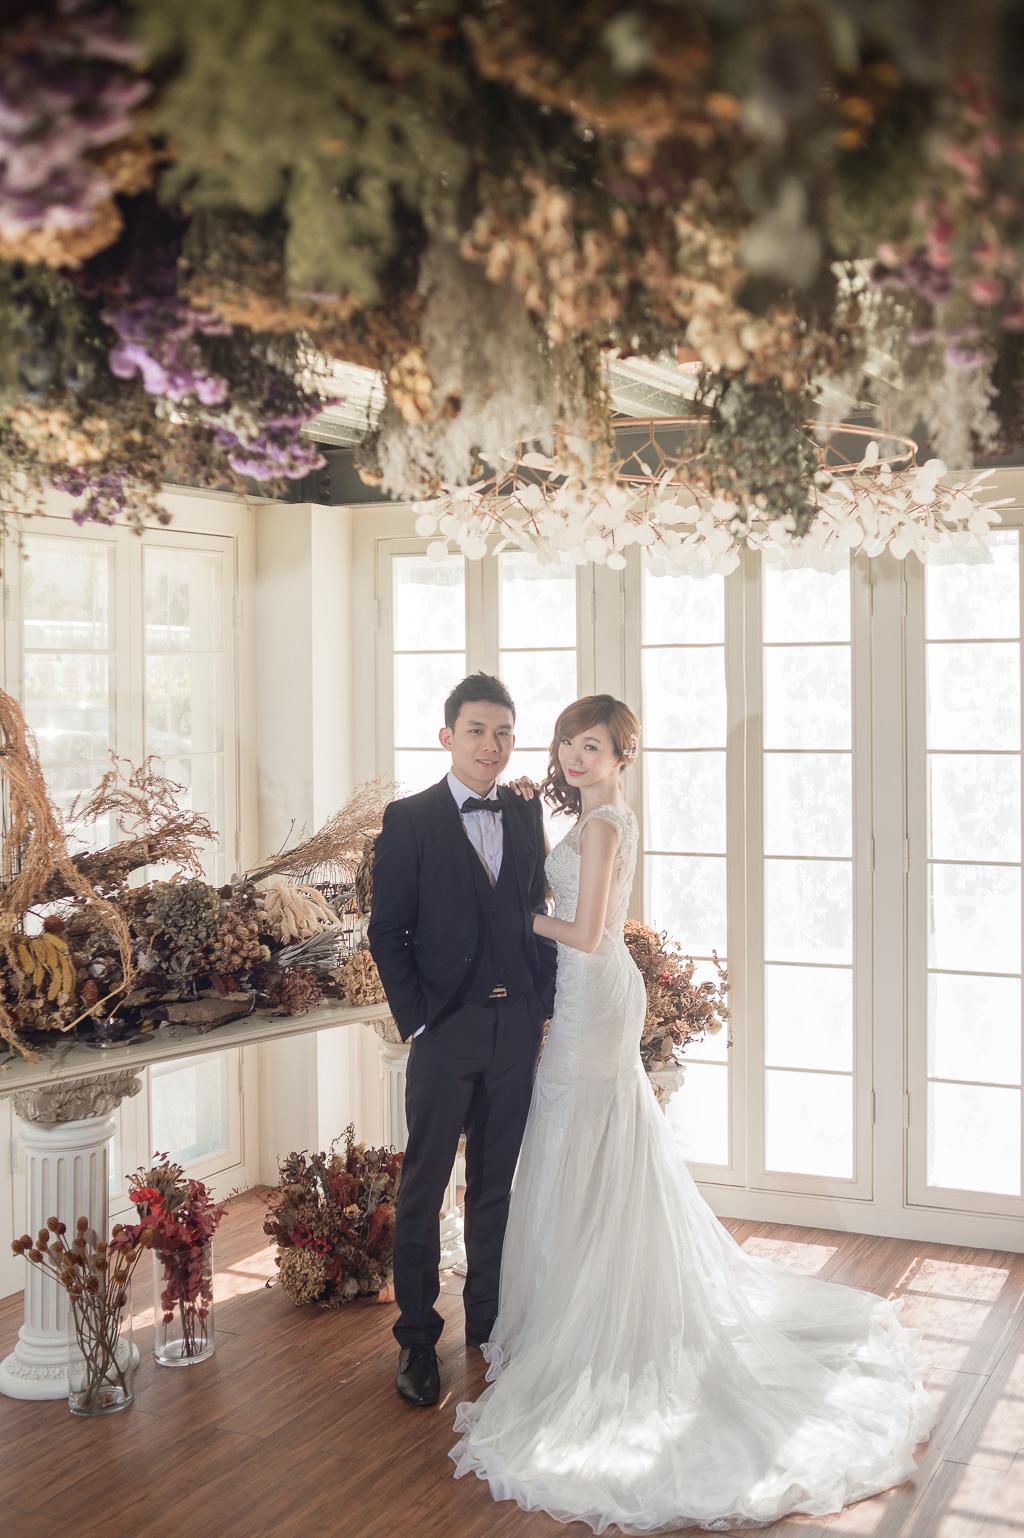 婚攝小勇,婚禮紀錄,自助婚紗,囍聚,vivian-001